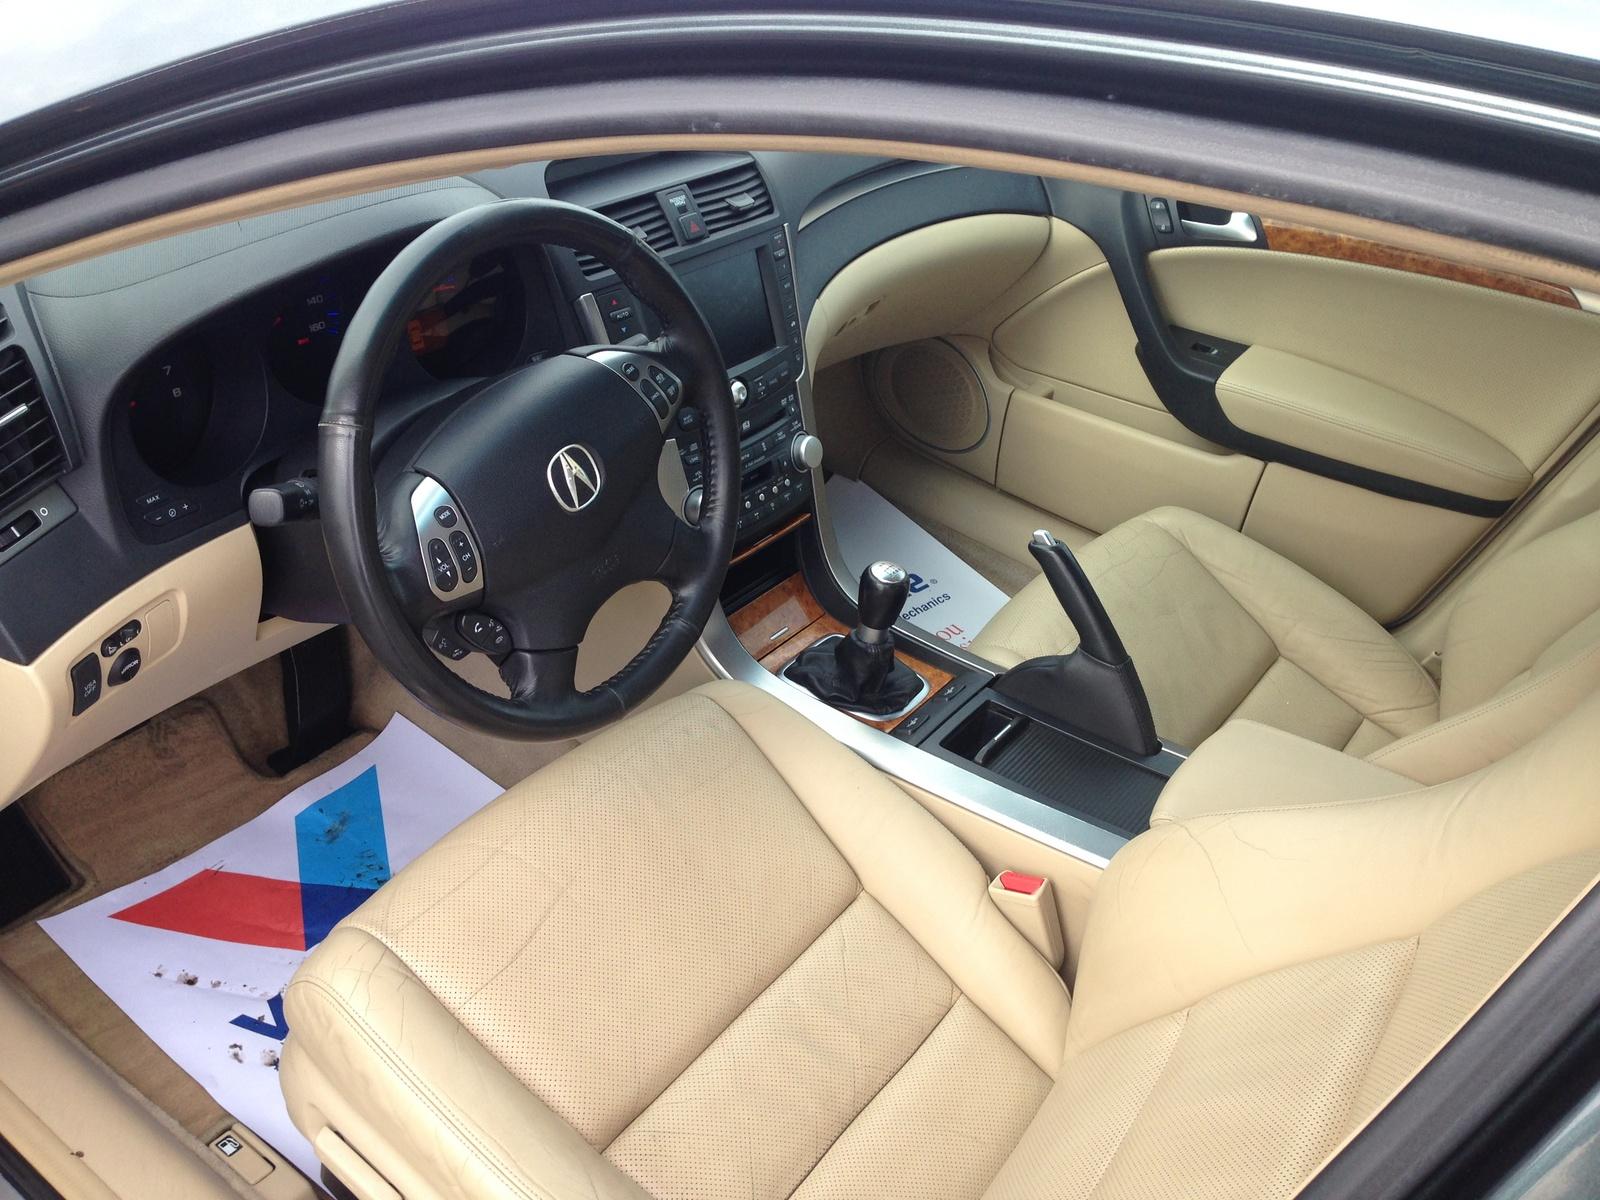 2005 Acura Tl Interior Pictures Cargurus